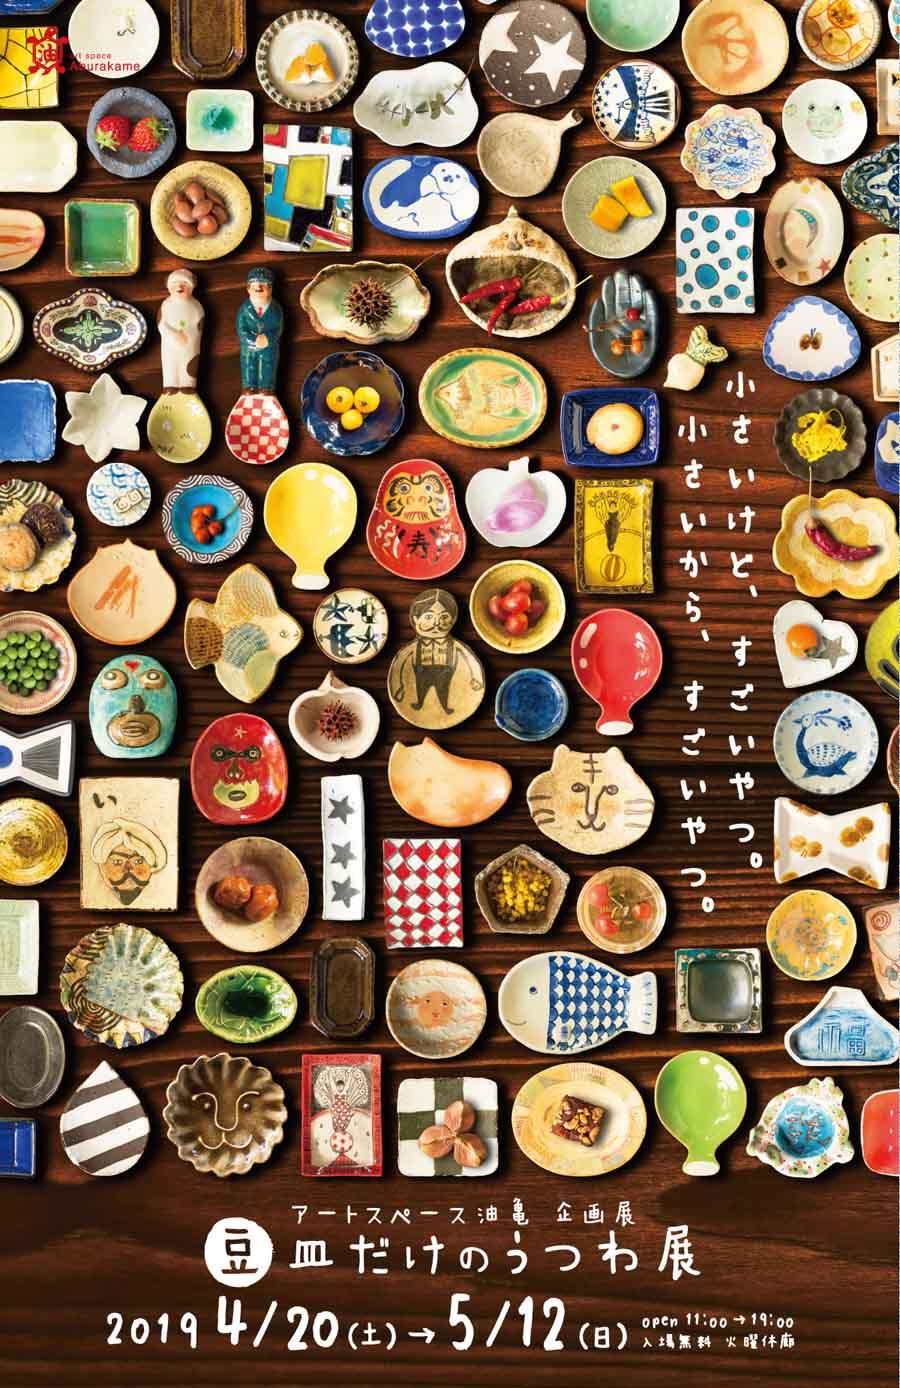 """""""「豆皿だけのうつわ展―小さいけど、すごいやつ。小さいから、すごいやつ。―」展覧会情報はこちらから!"""""""